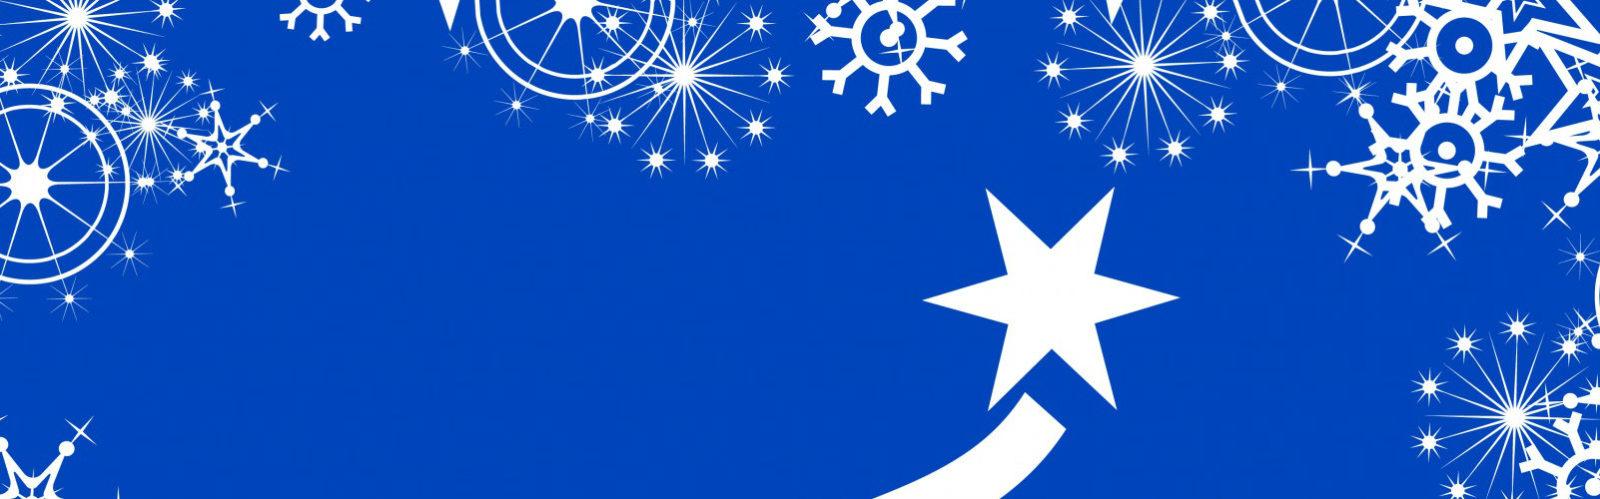 christmas-tree-14464601632qL